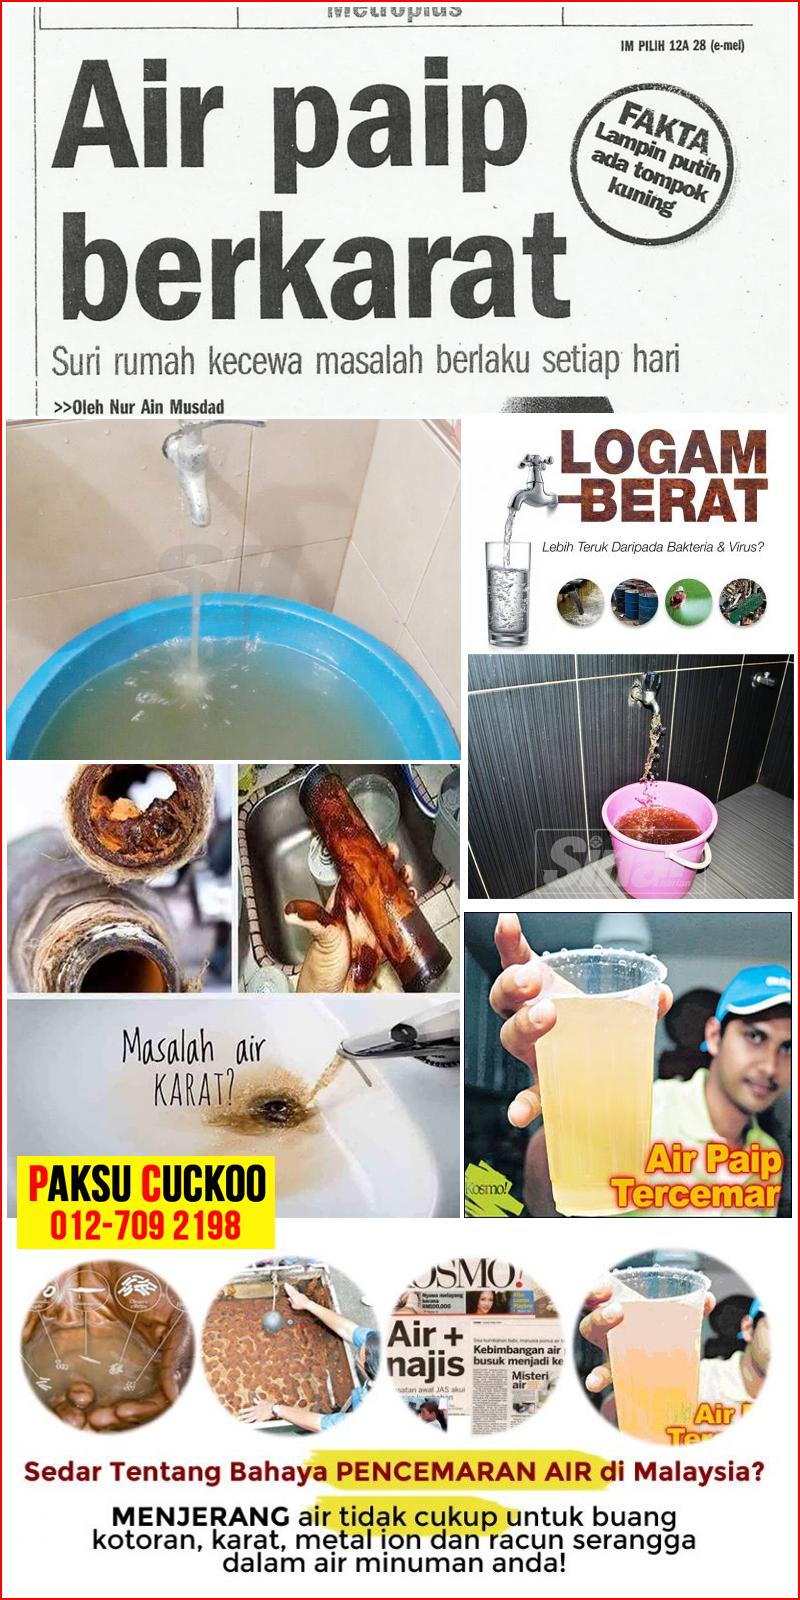 semua rumah di malaysia memerlukan cuckoo outdoor water purifier pulau pinang penang mesin penulen air luar rumah untuk membersihkan air yang masuk ke dalam rumah bersih